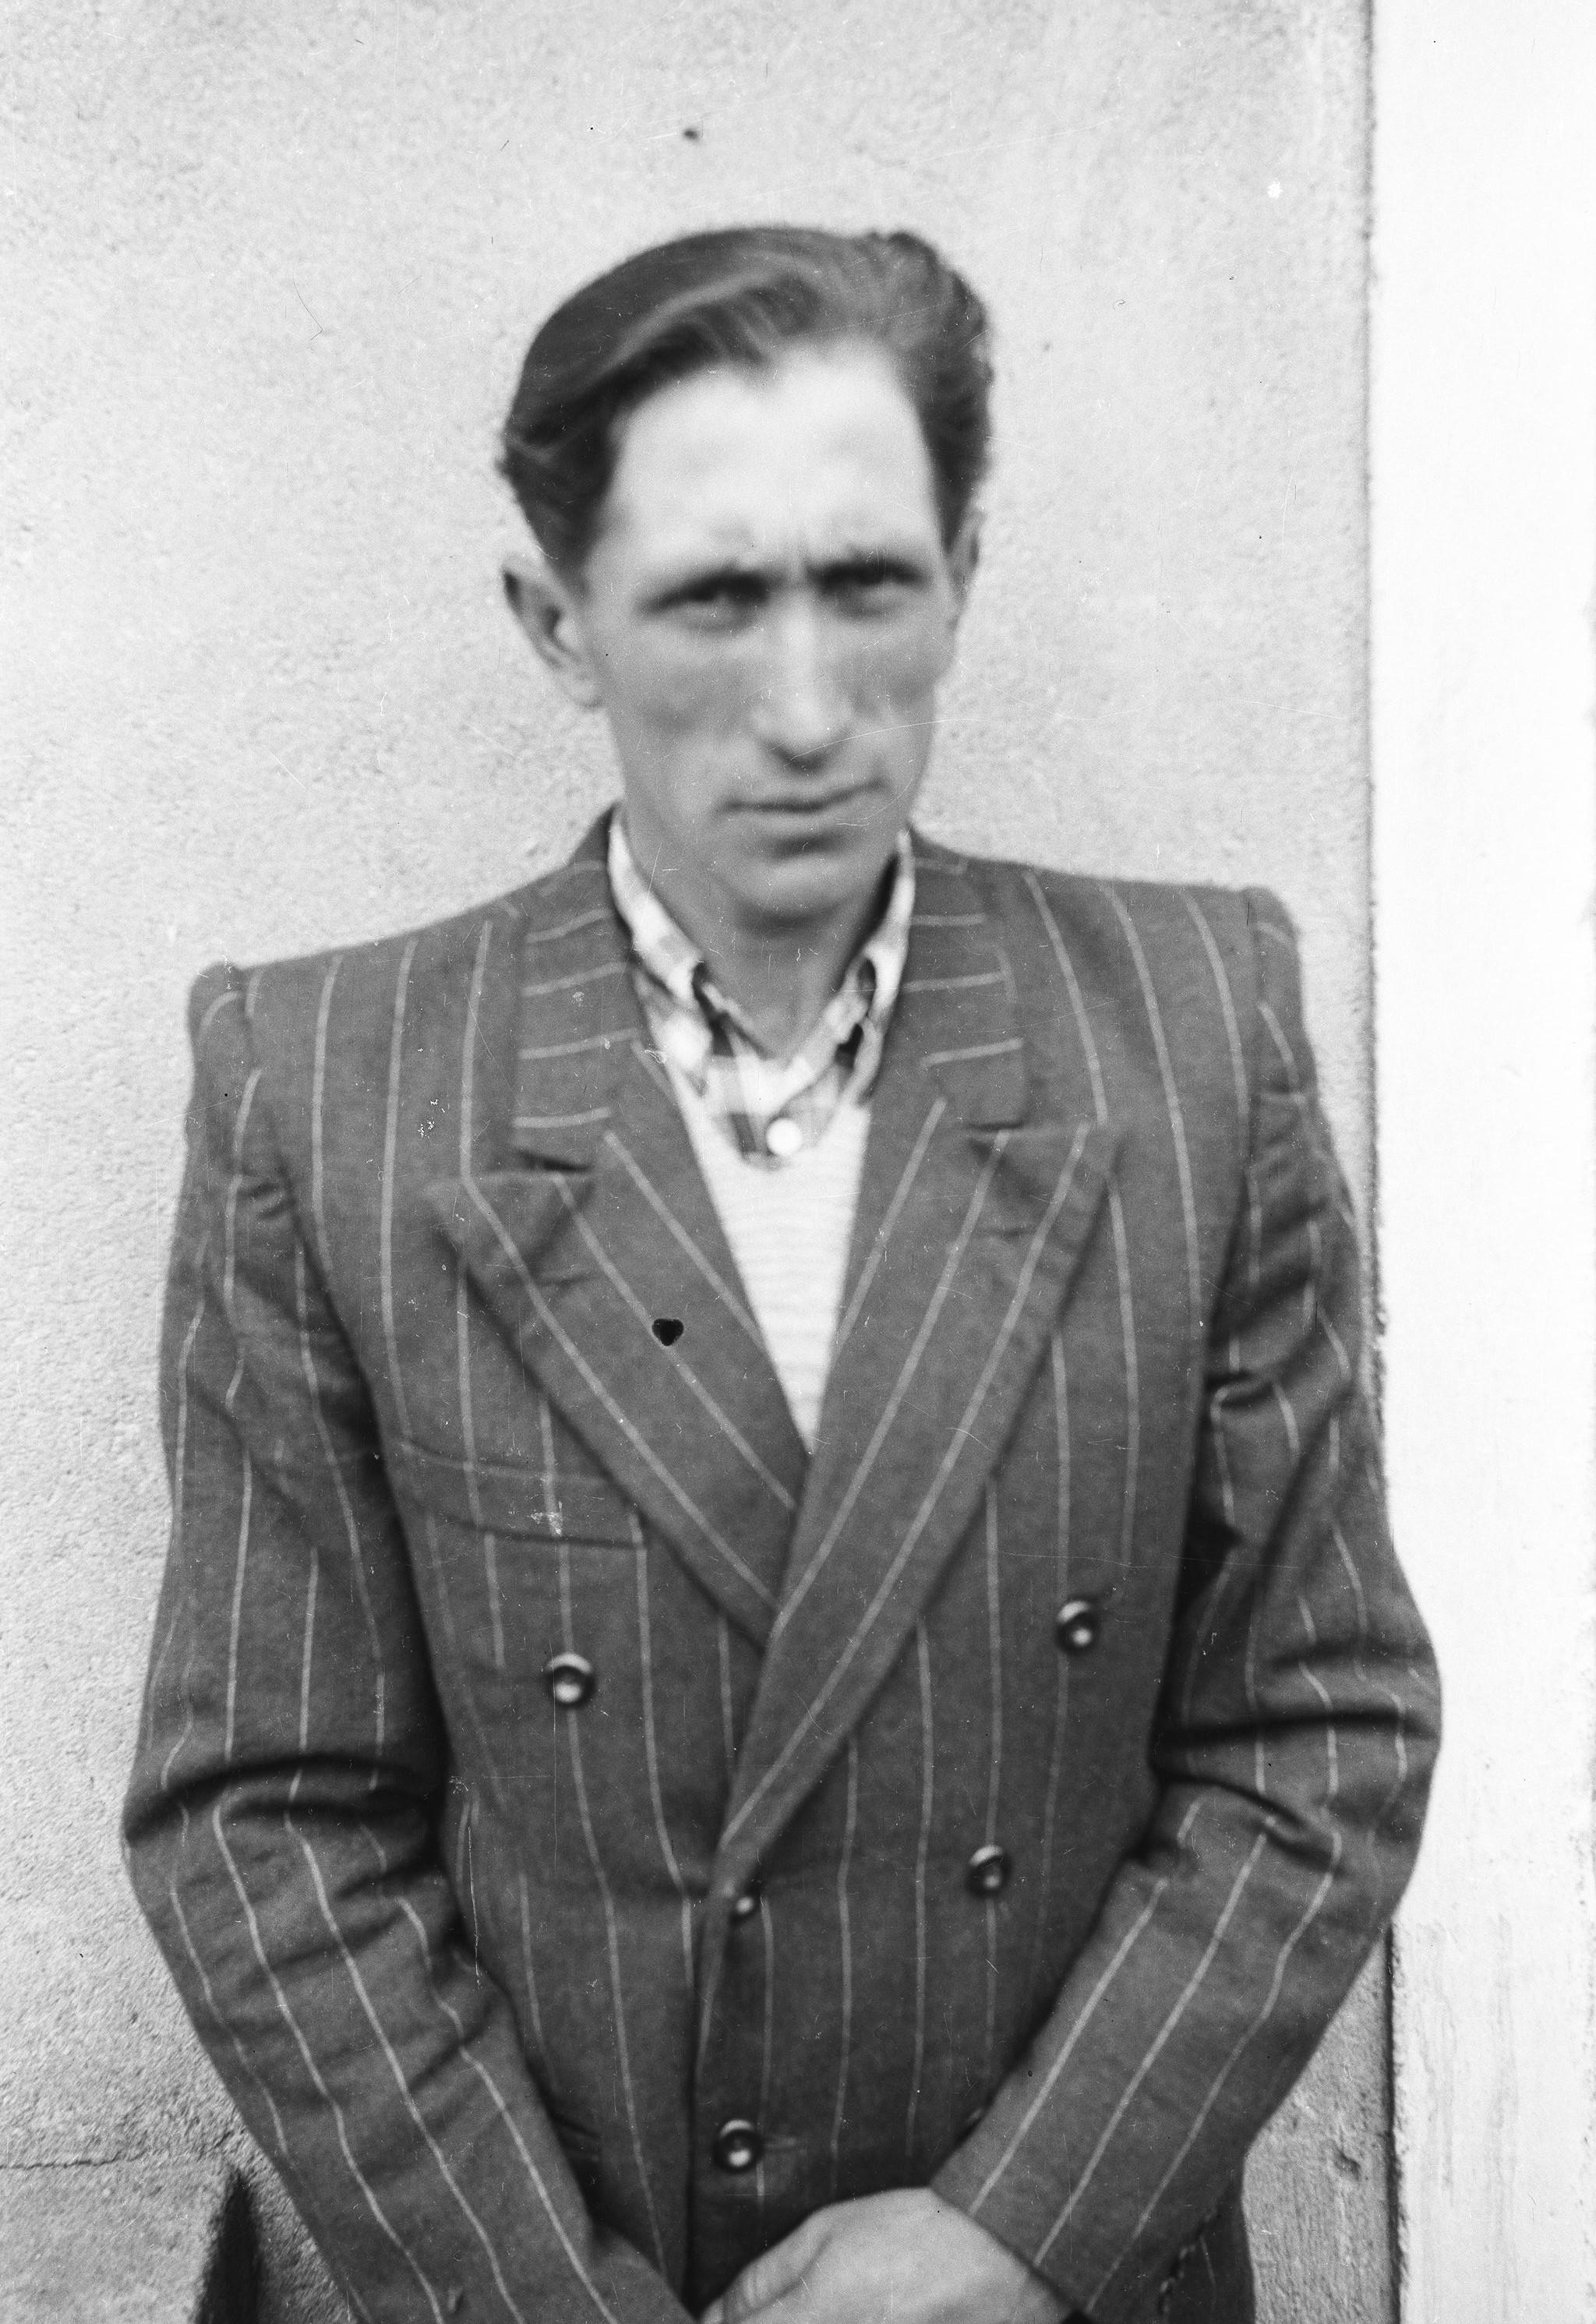 Portret mężczyzny, Dolny Śląsk, 2. poł. XX w.